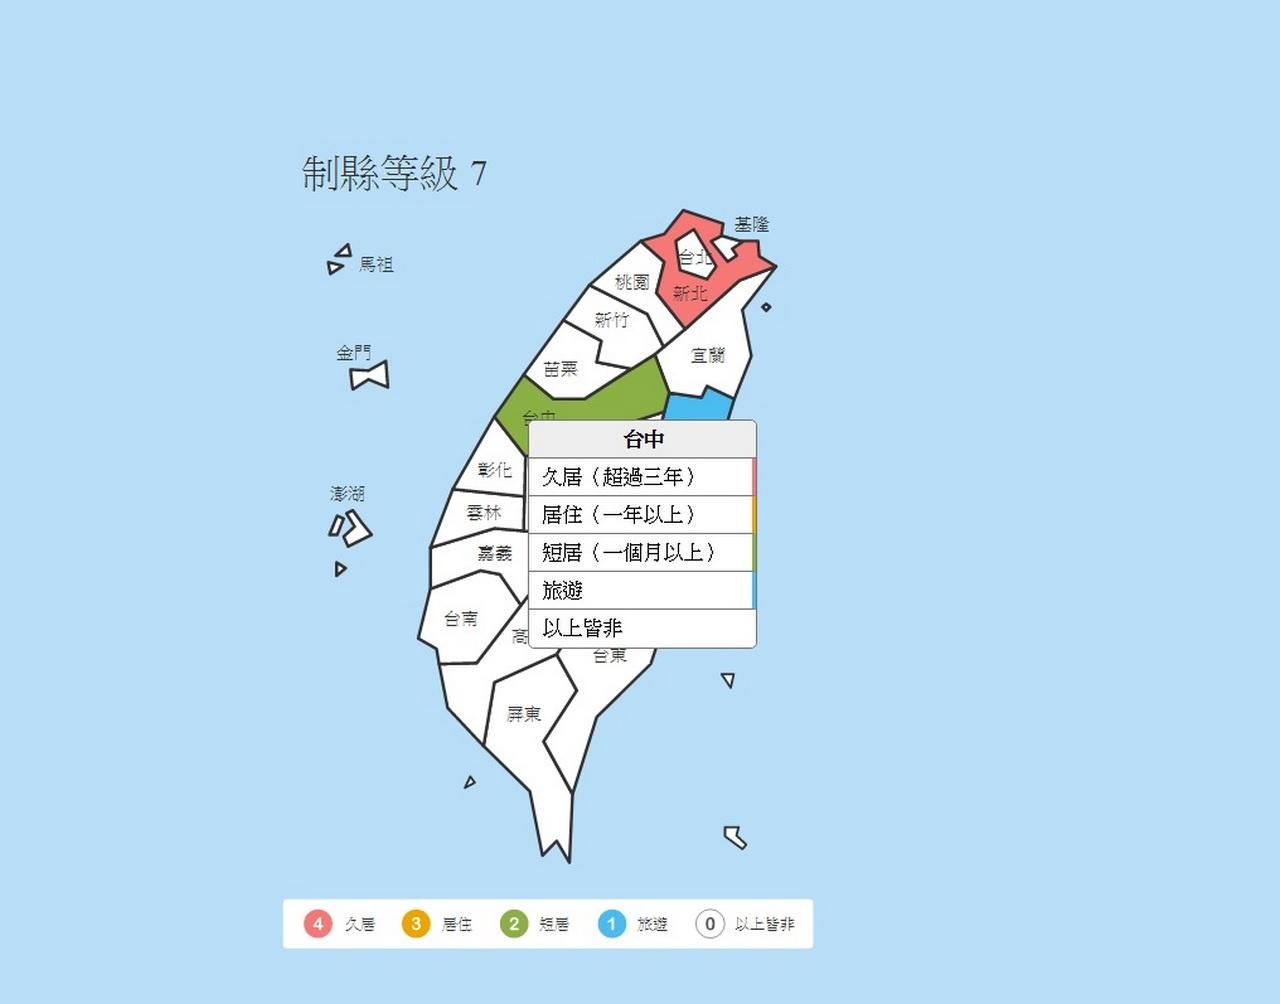 制縣等級台灣版 日本版 香港版 怎麼玩 標出你旅遊過的區域